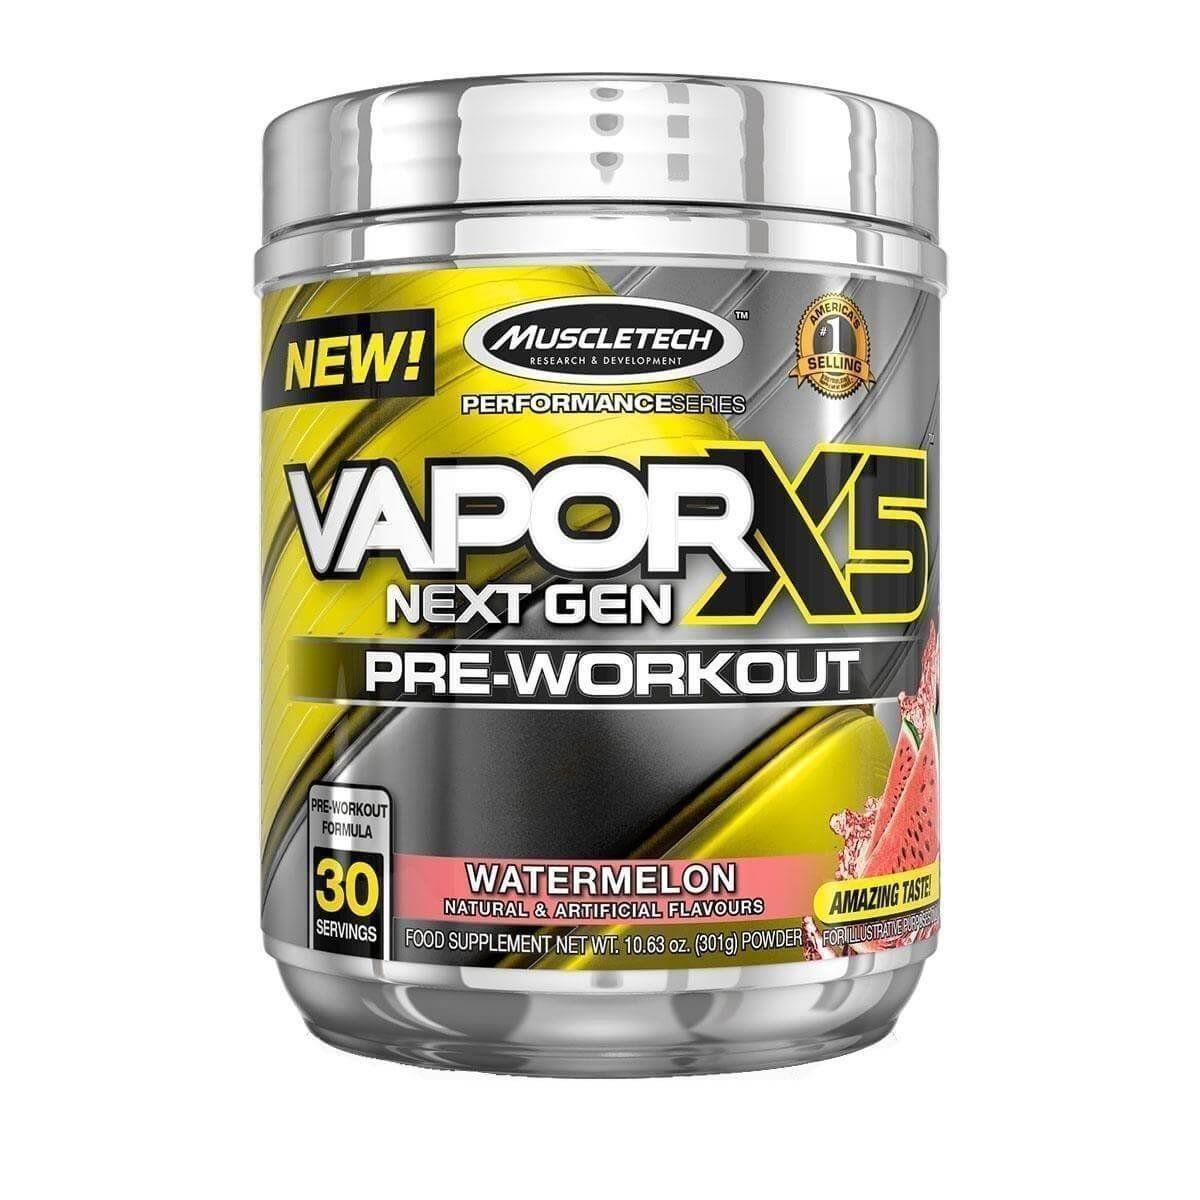 Vapor X5 301g Pre-Workout - Muscletech  - Vitta Gold